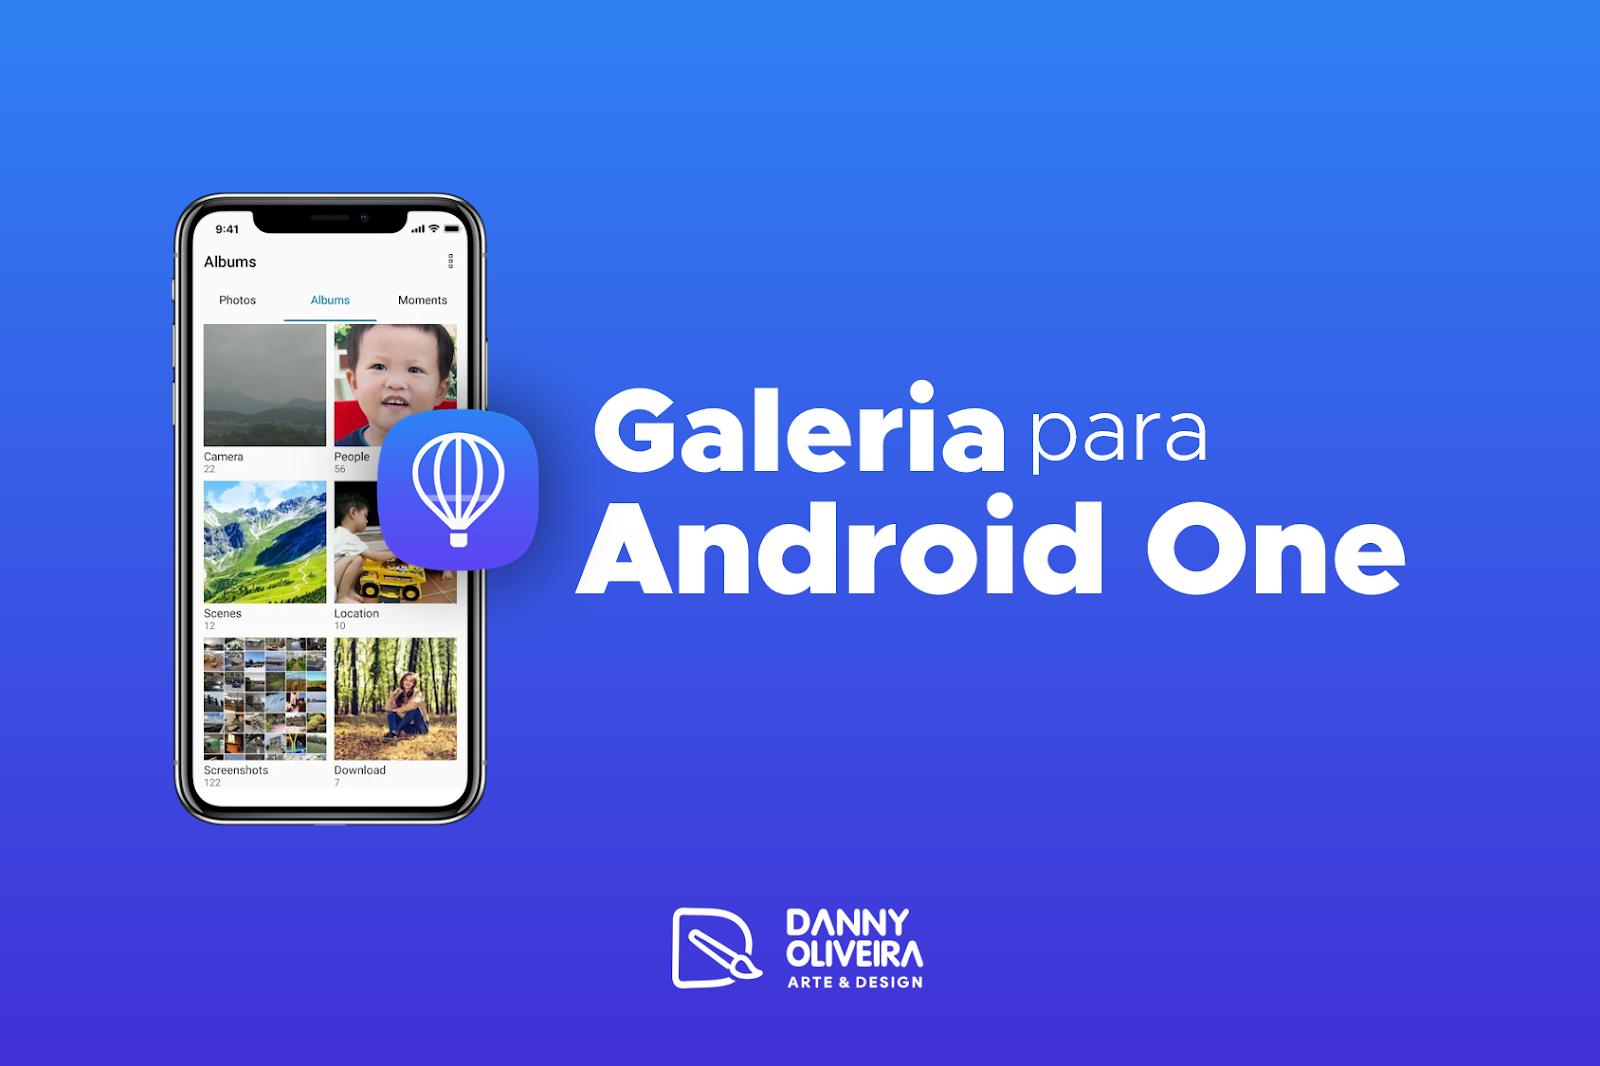 Melhor galeria para Android One